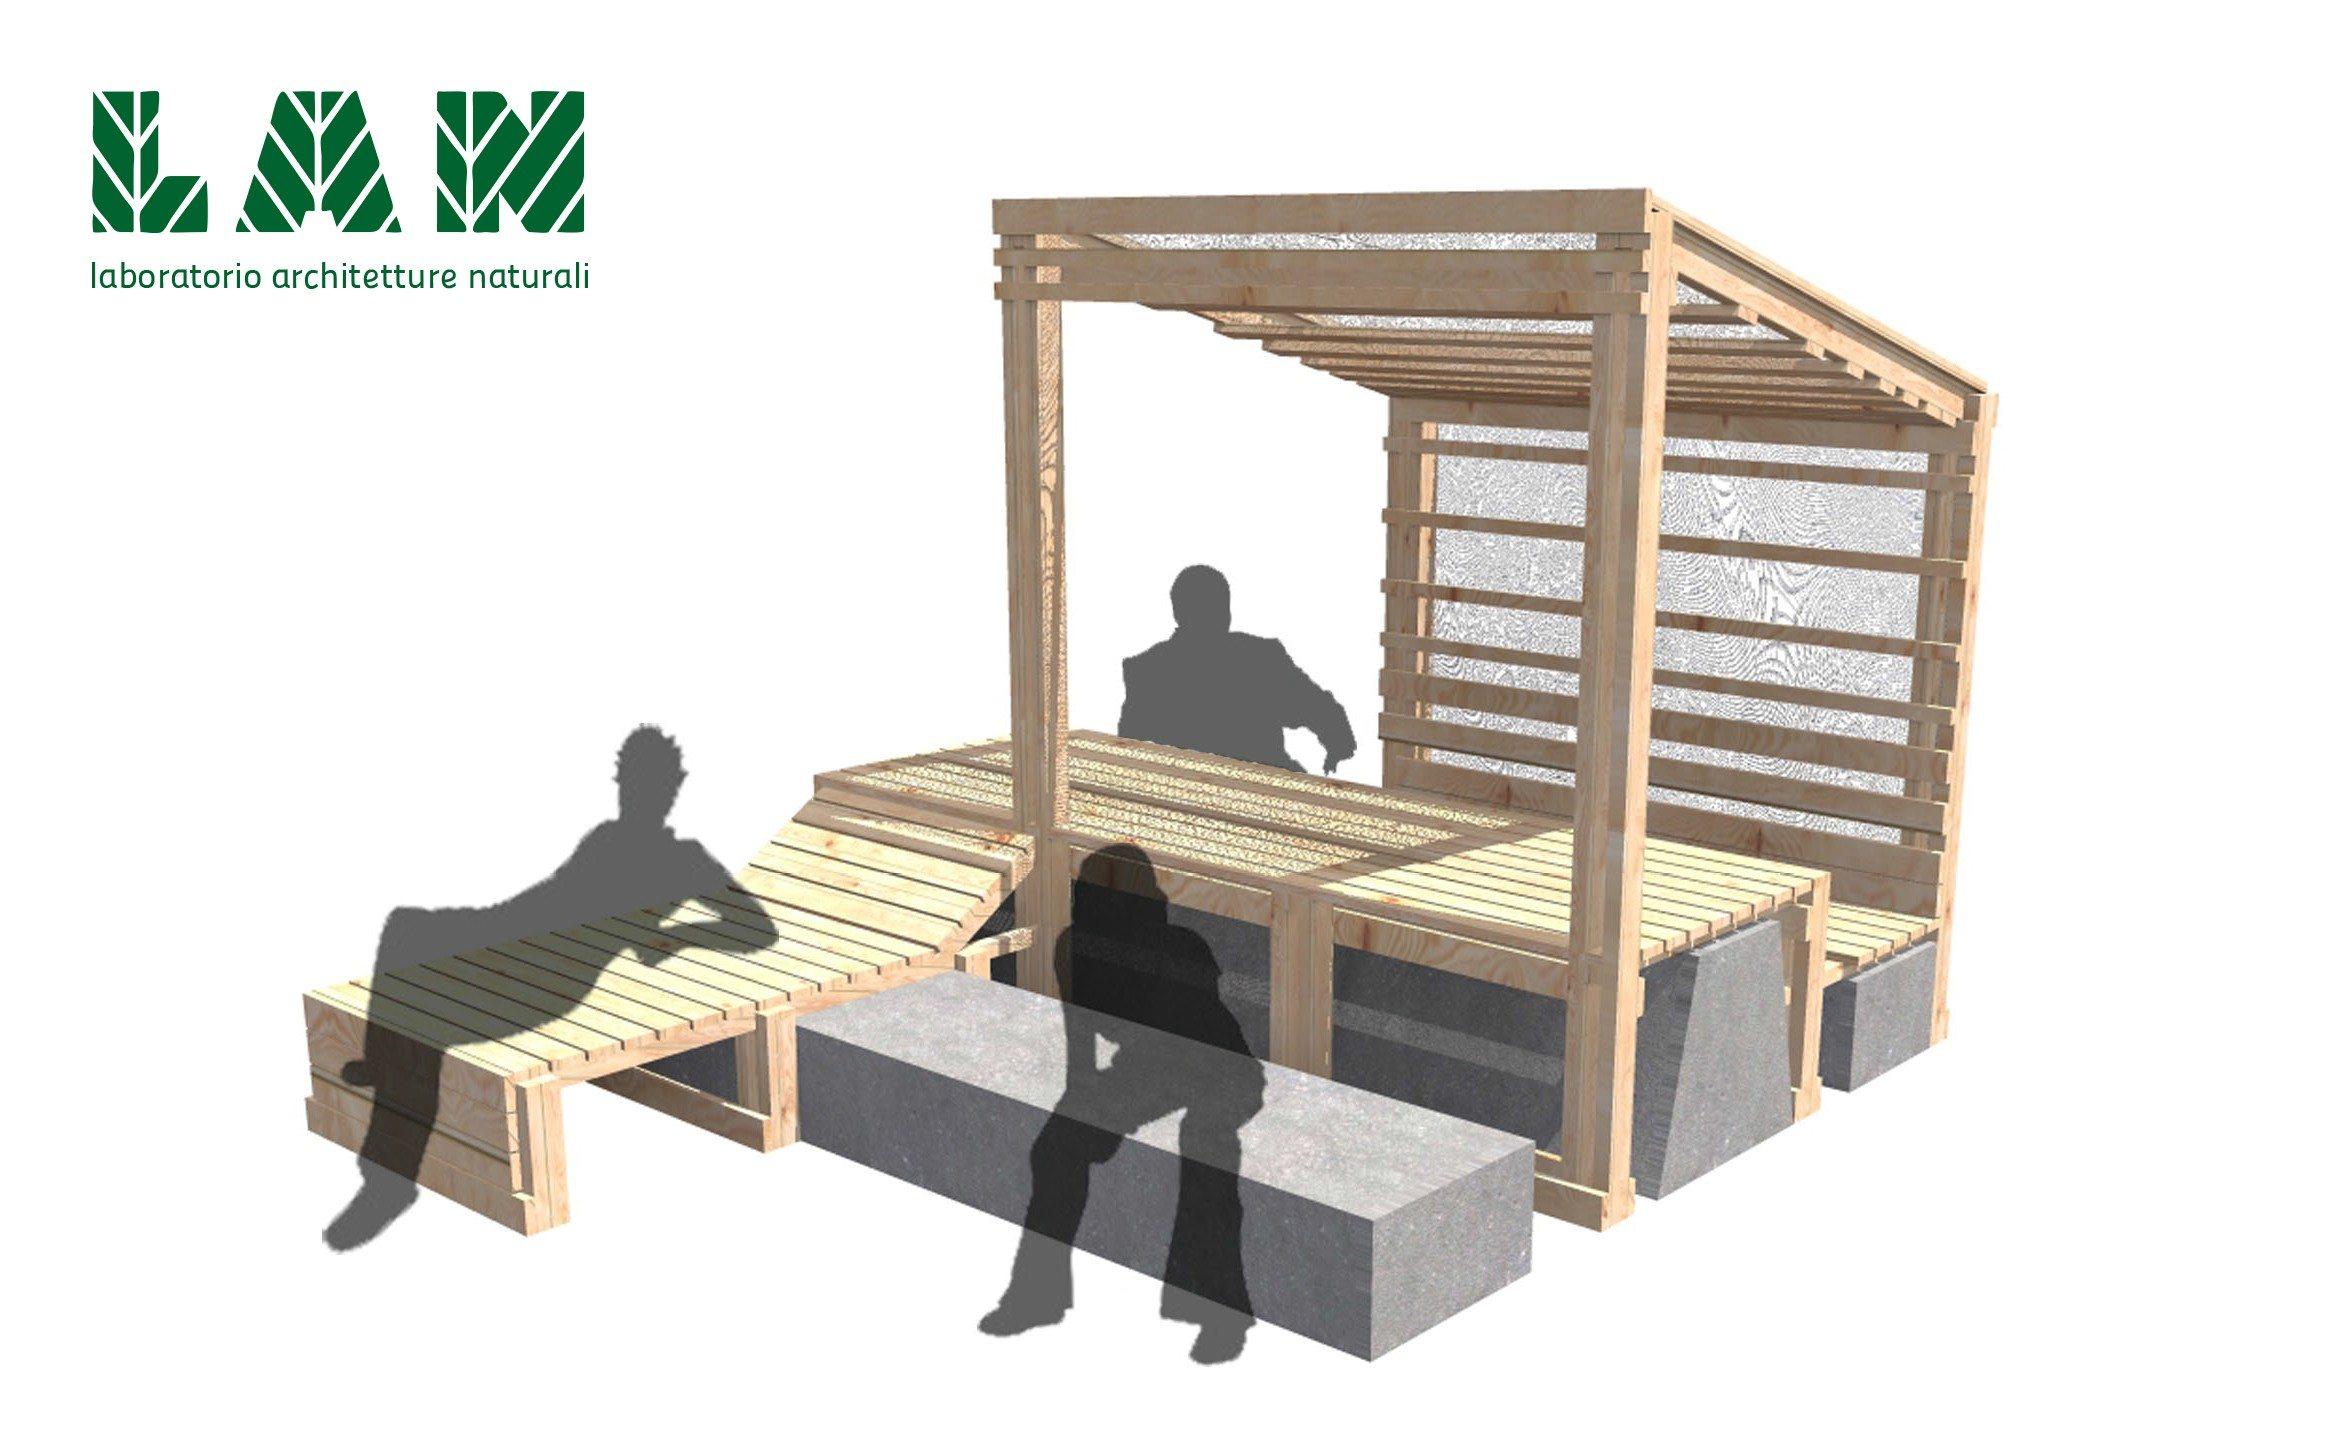 Bari nuovi arredi in legno nel parco gargasole a for Arredi in legno